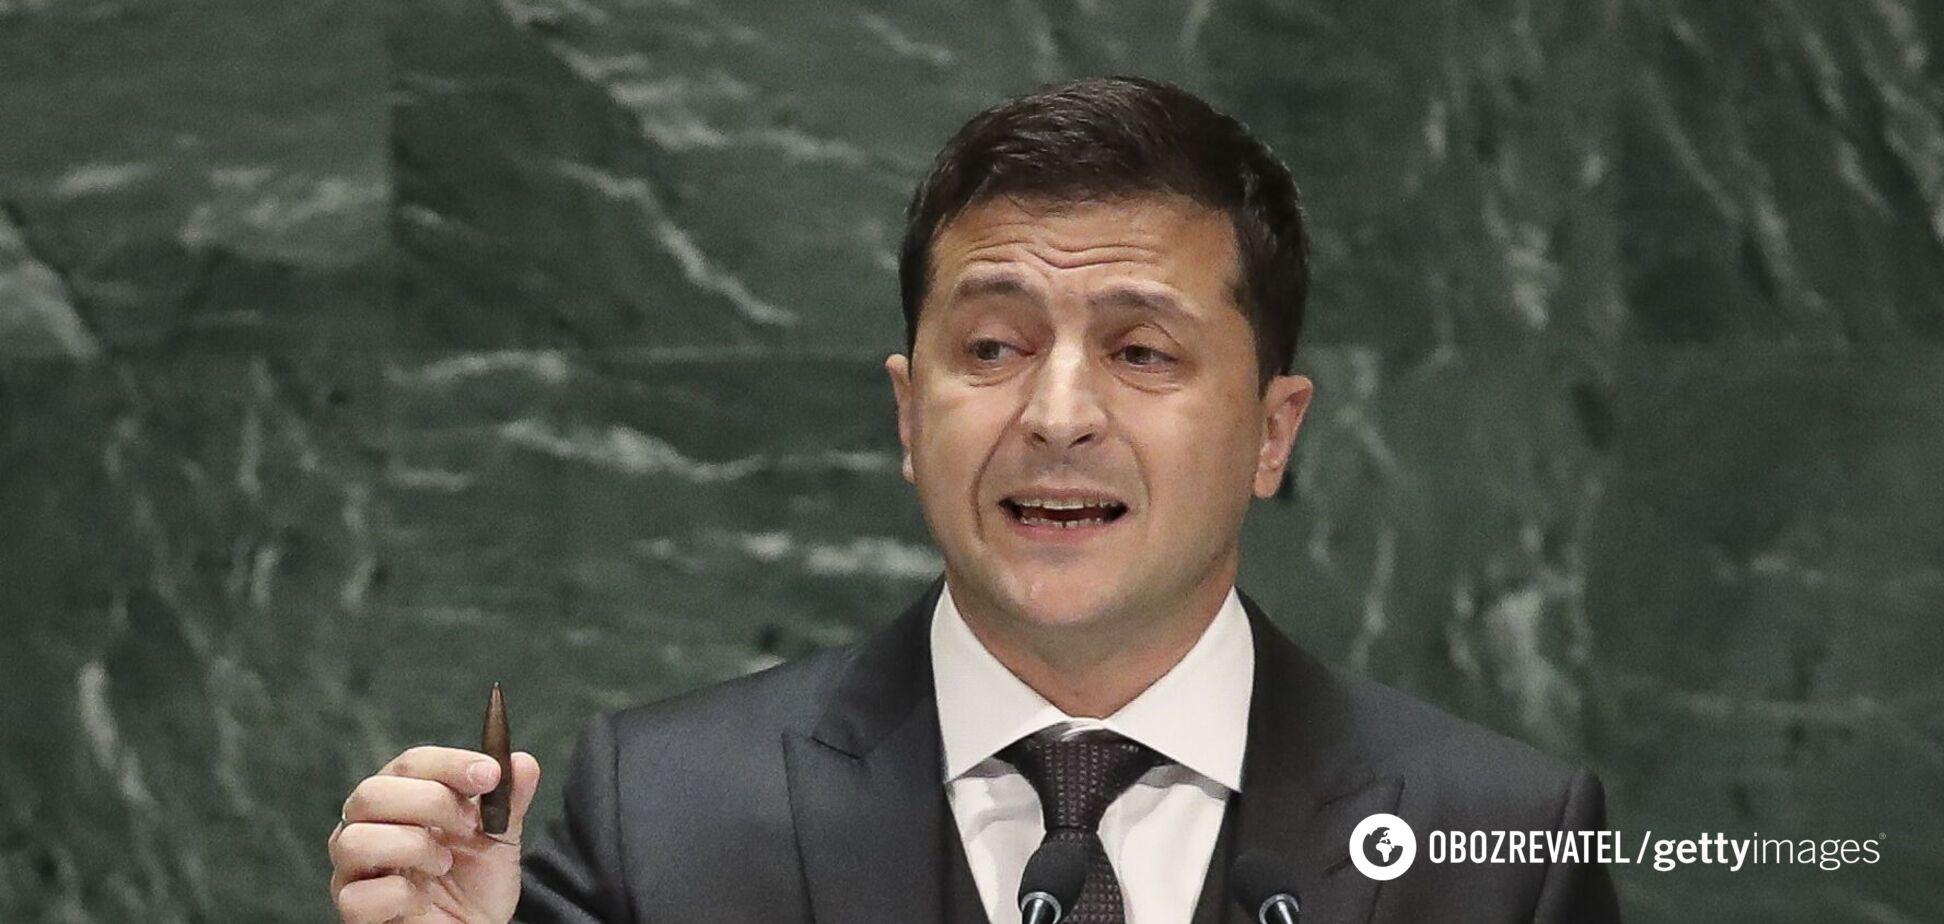 Зеленский: Украина – не собственность России, не отдадим им и сантиметра земли